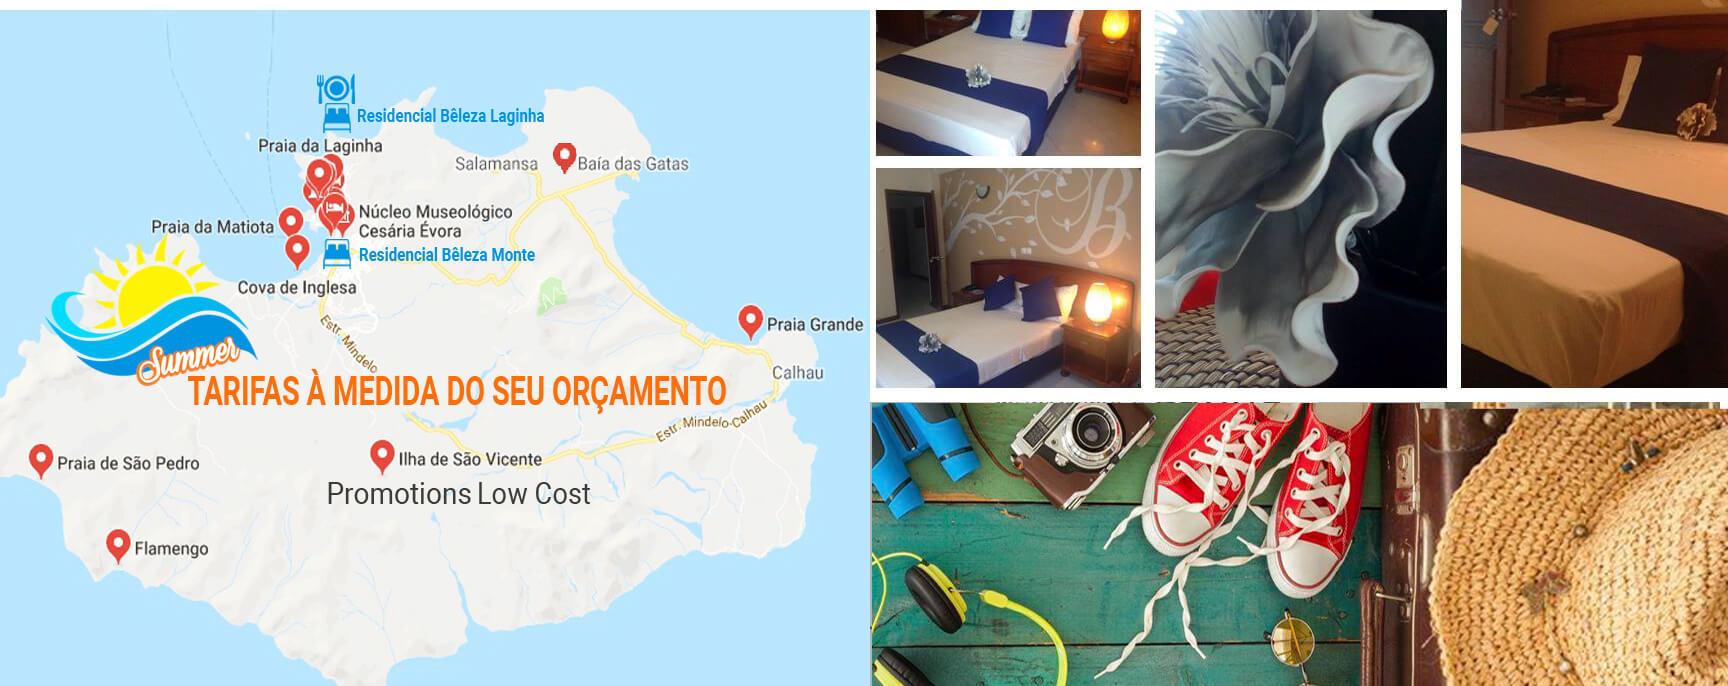 promocao-turismo-negocios-residencial-beleza-comp2